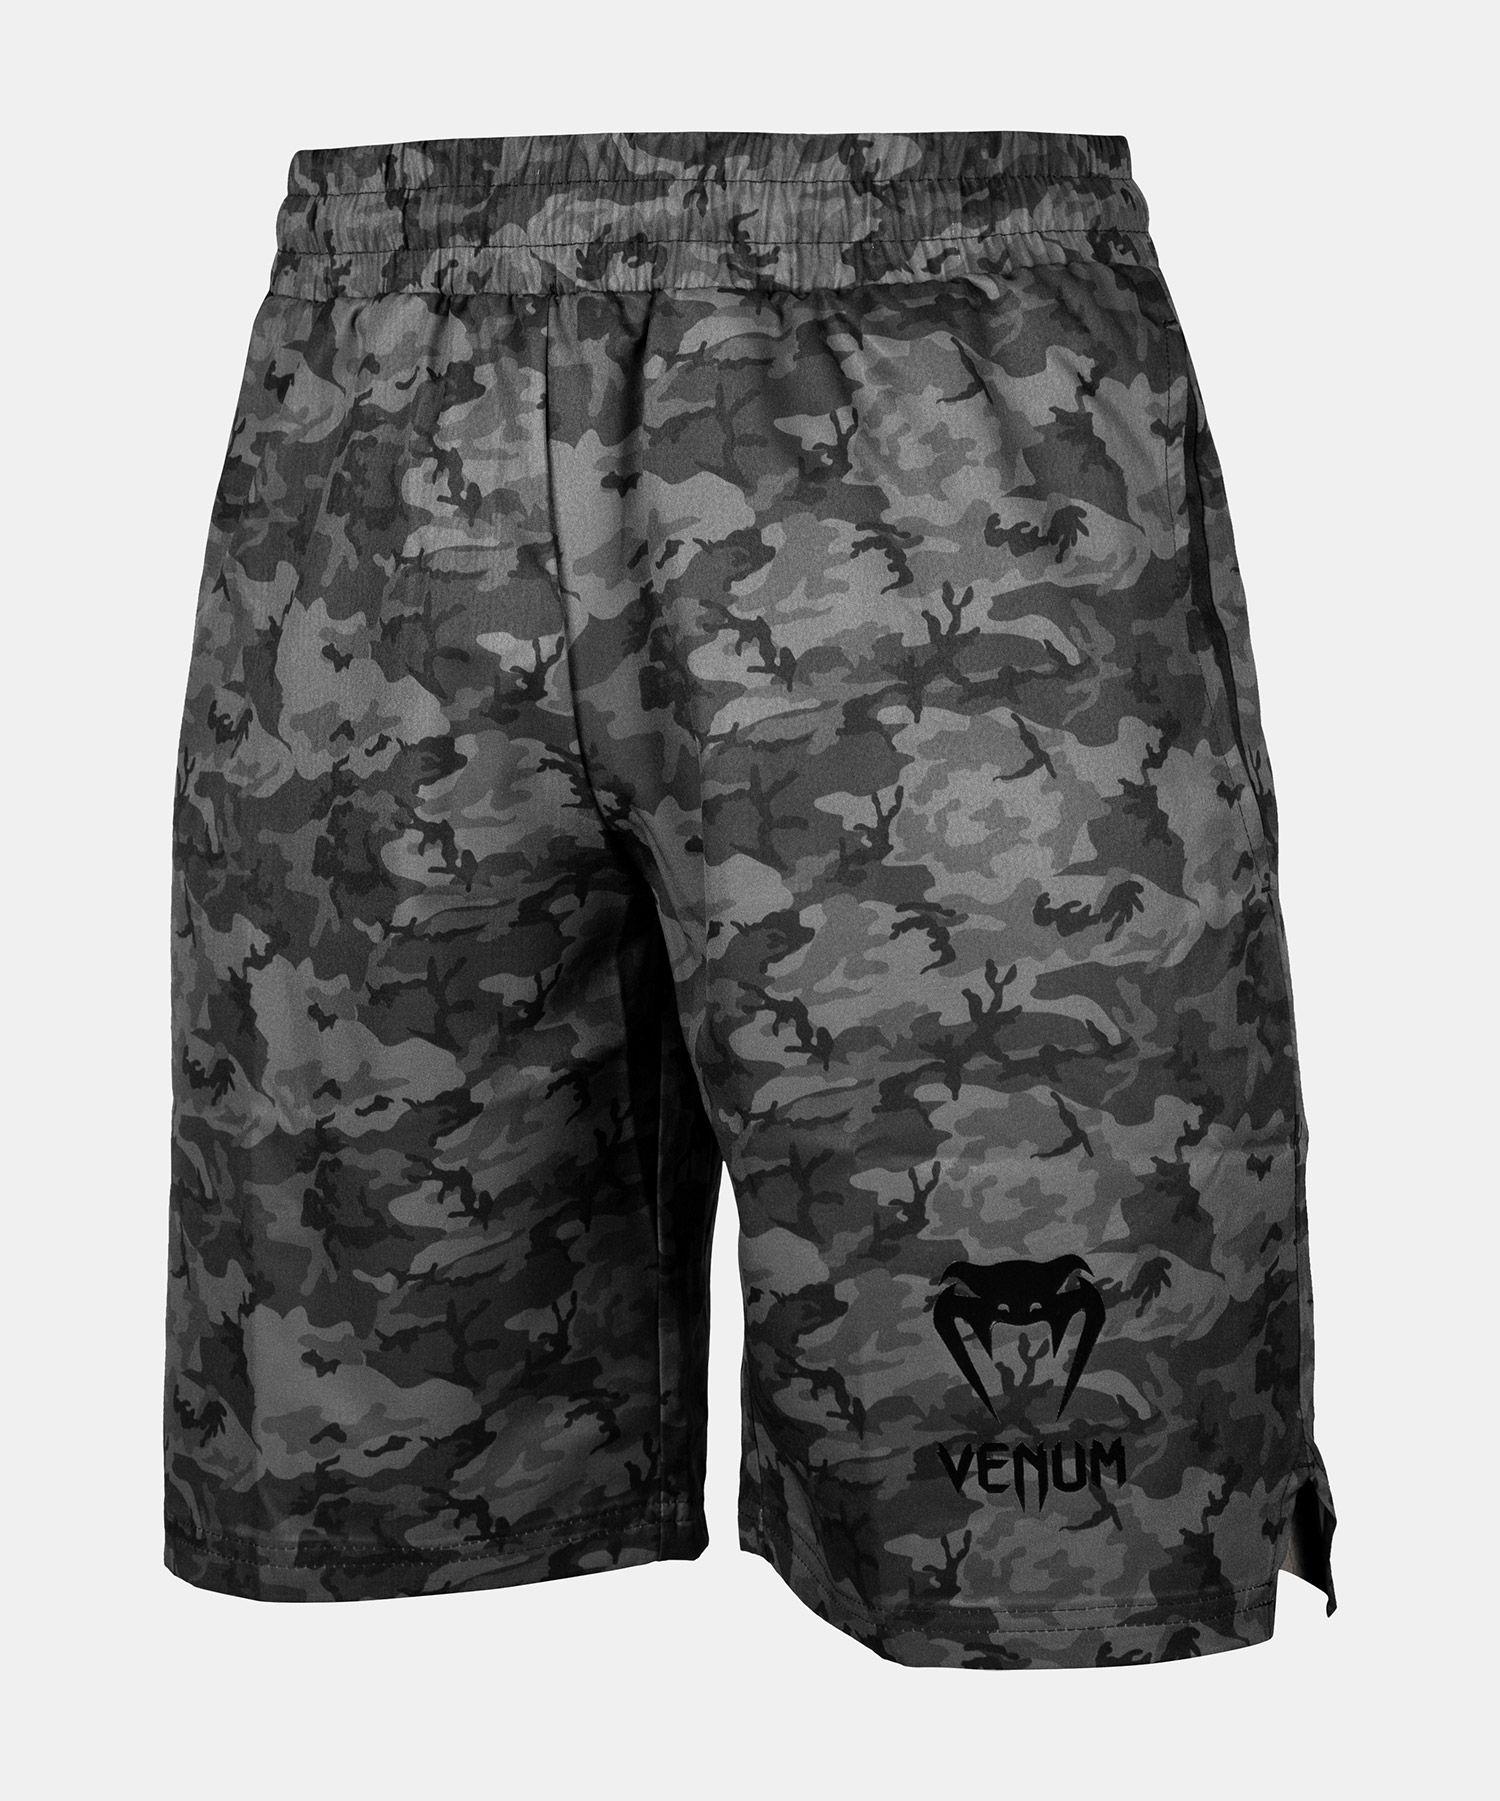 Pantaloncini da Allenamento Classic Venum - Camo urban